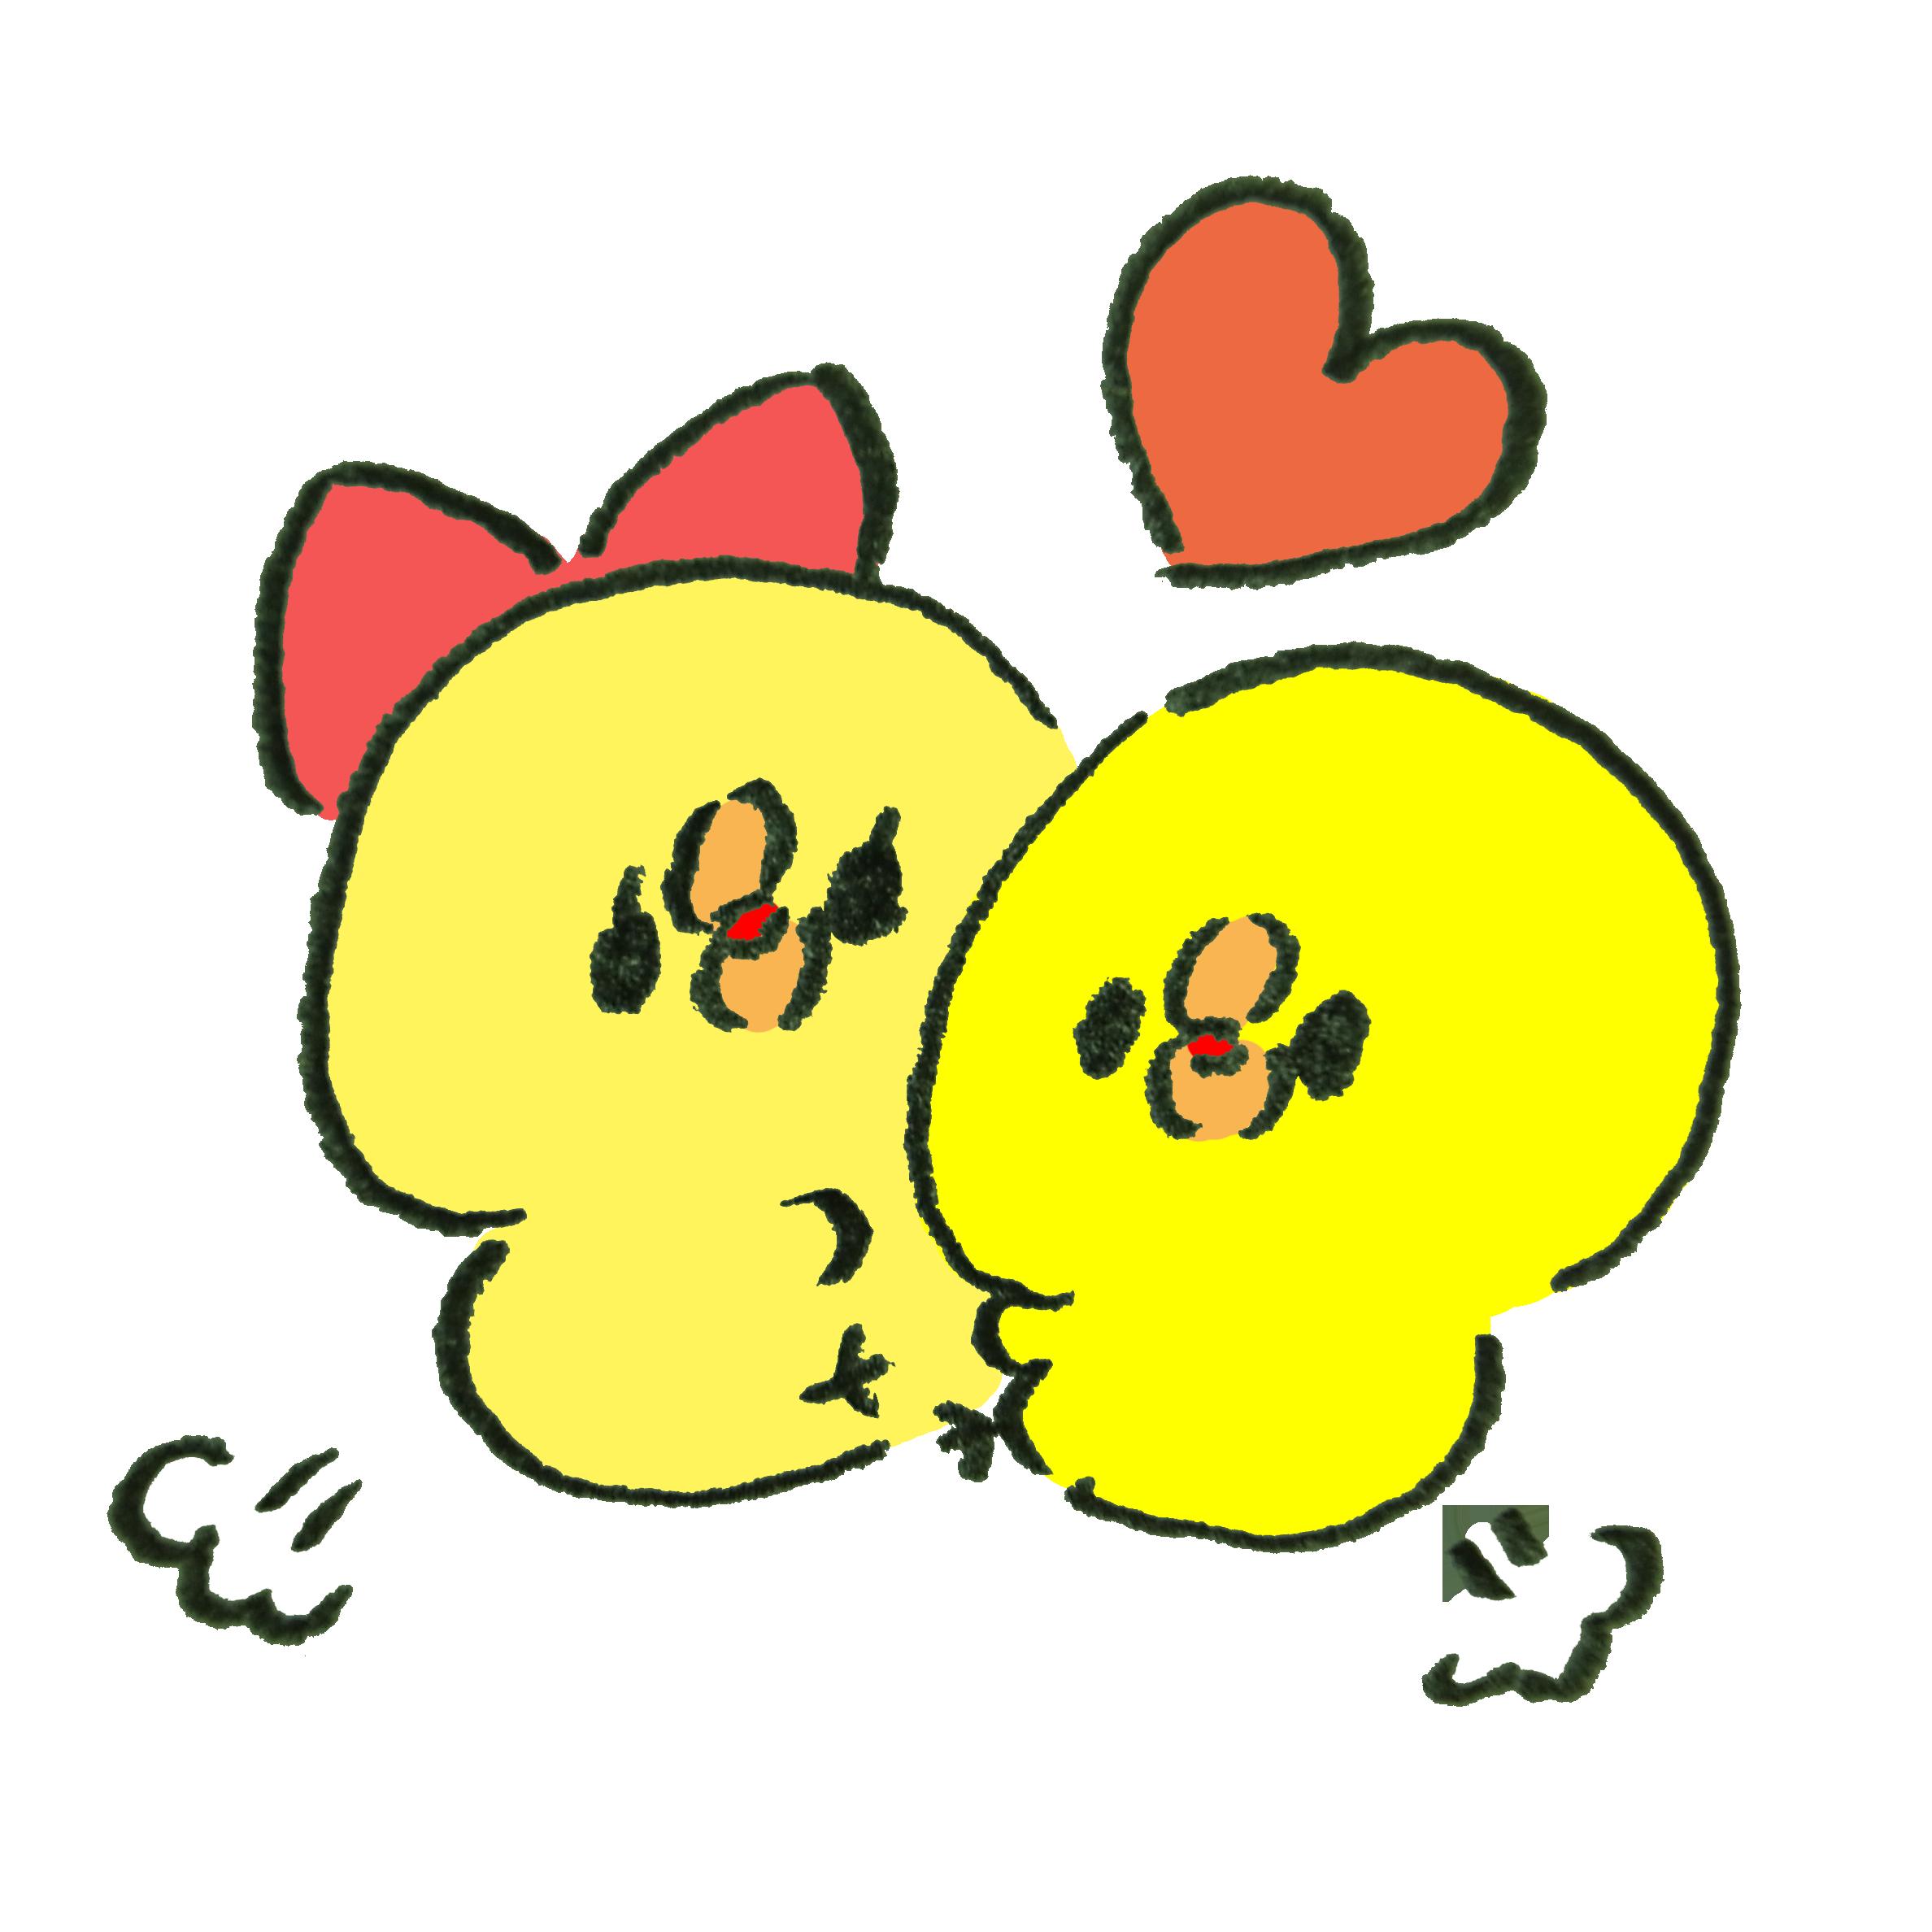 抱き合って喜ぶカップルのひよこ | ゆるくてかわいい無料イラスト素材屋